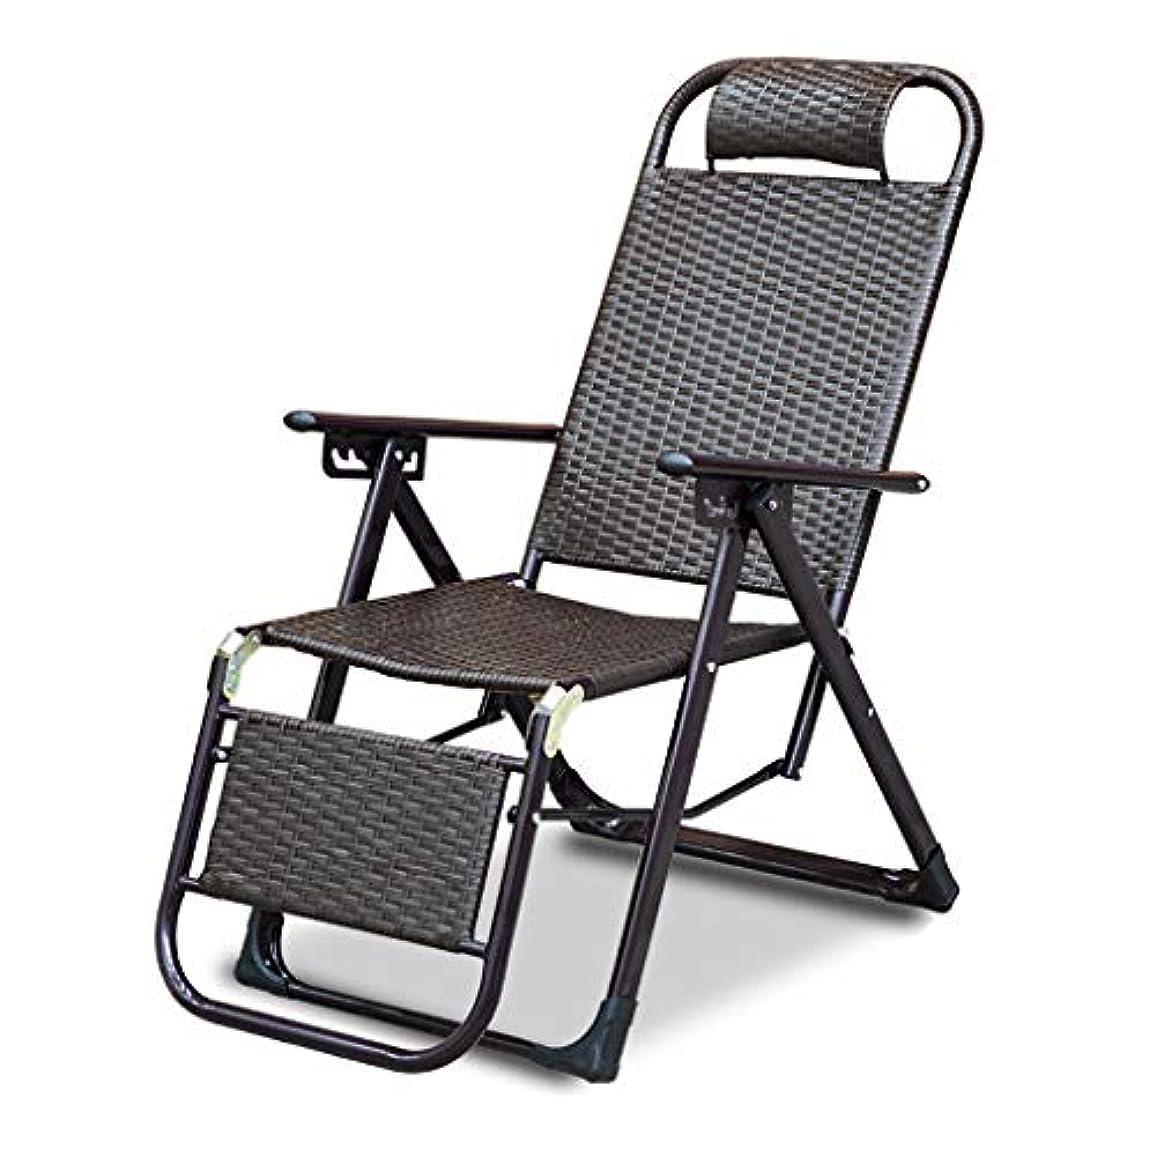 経過治す合意屋外の藤の怠惰なリクライニングプールのサンラウンジャーの椅子、ゼロ重力の折り畳み式のデッキのリラクサーのリクライニングチェアのロッキングチェア調節可能なあと振れ止めのためのクッション家具ガーデンパティオビーチ、200キログラムの負荷、160x58x45cm